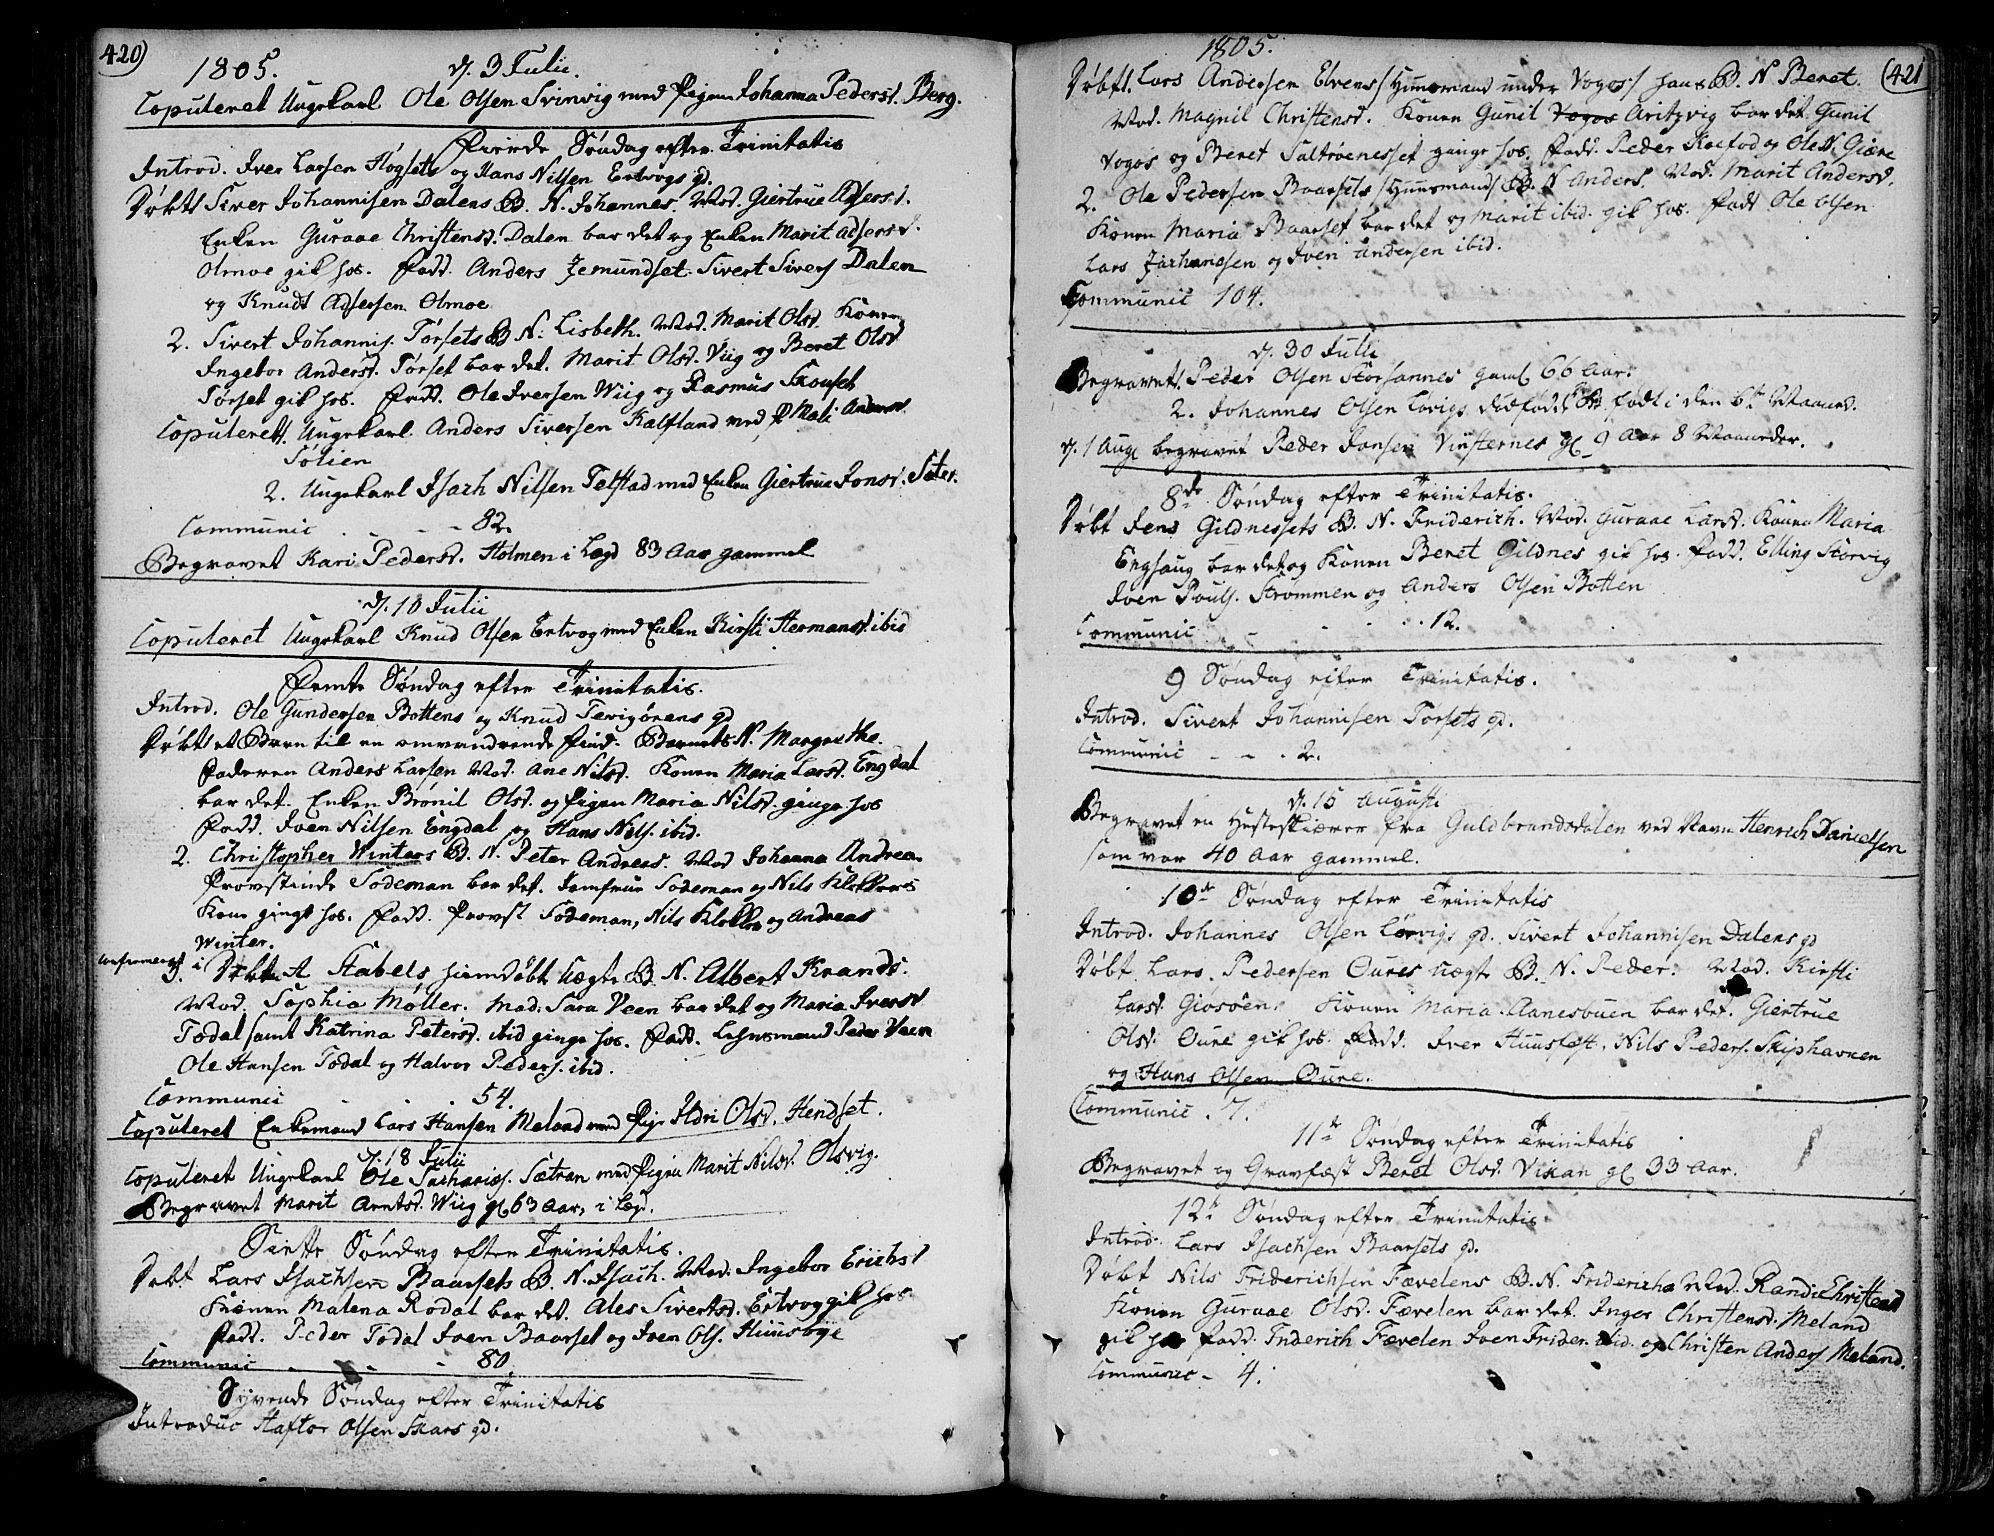 SAT, Ministerialprotokoller, klokkerbøker og fødselsregistre - Møre og Romsdal, 578/L0902: Ministerialbok nr. 578A01, 1772-1819, s. 420-421